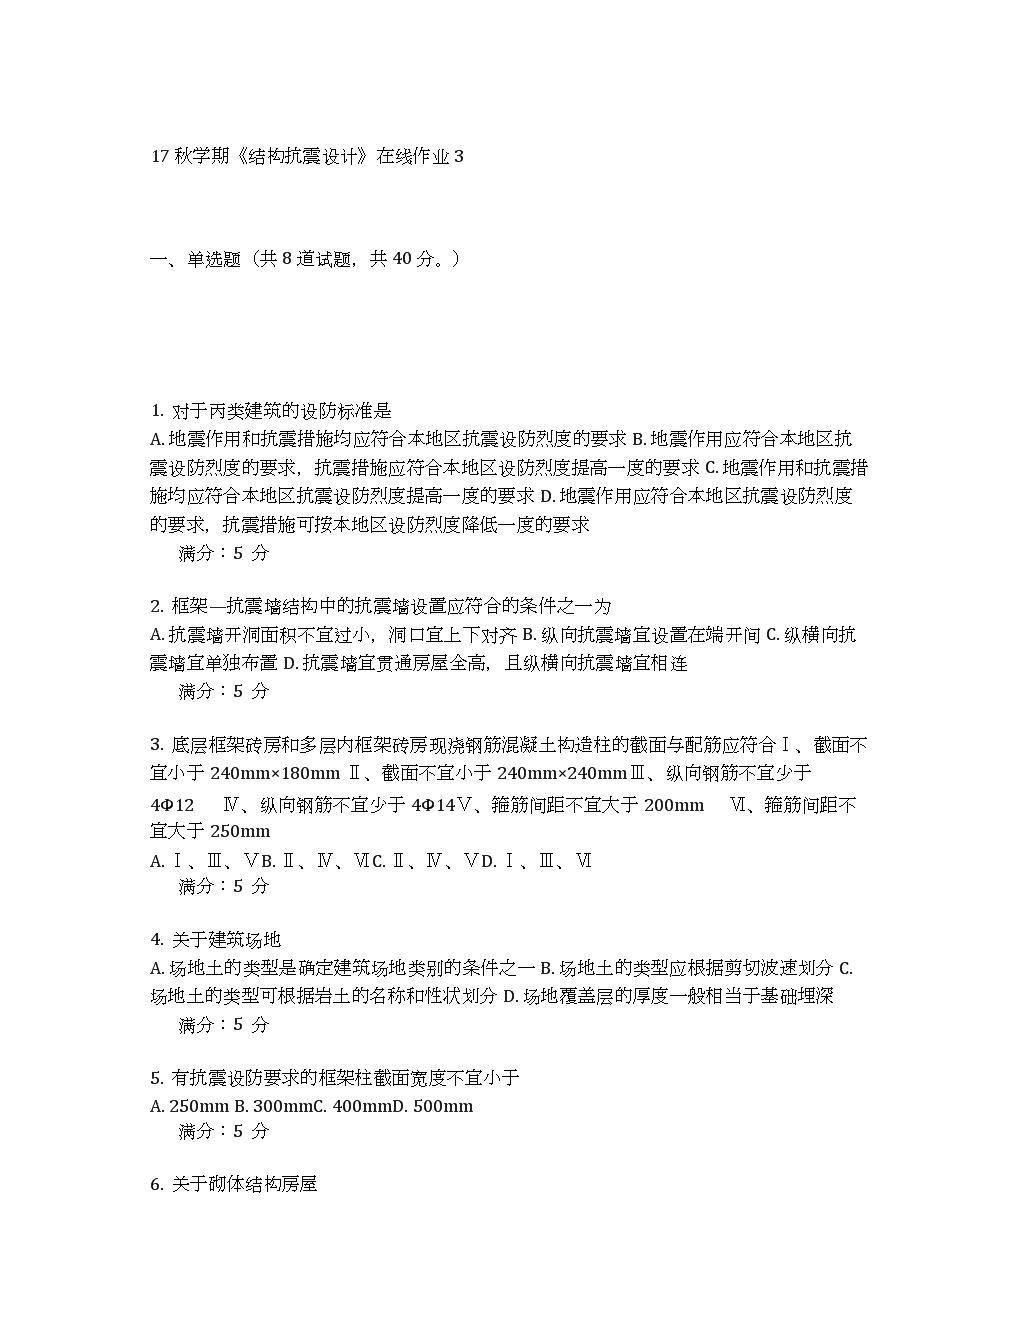 17秋学期《结构抗震设计》在线作业3部分答案.docx图片